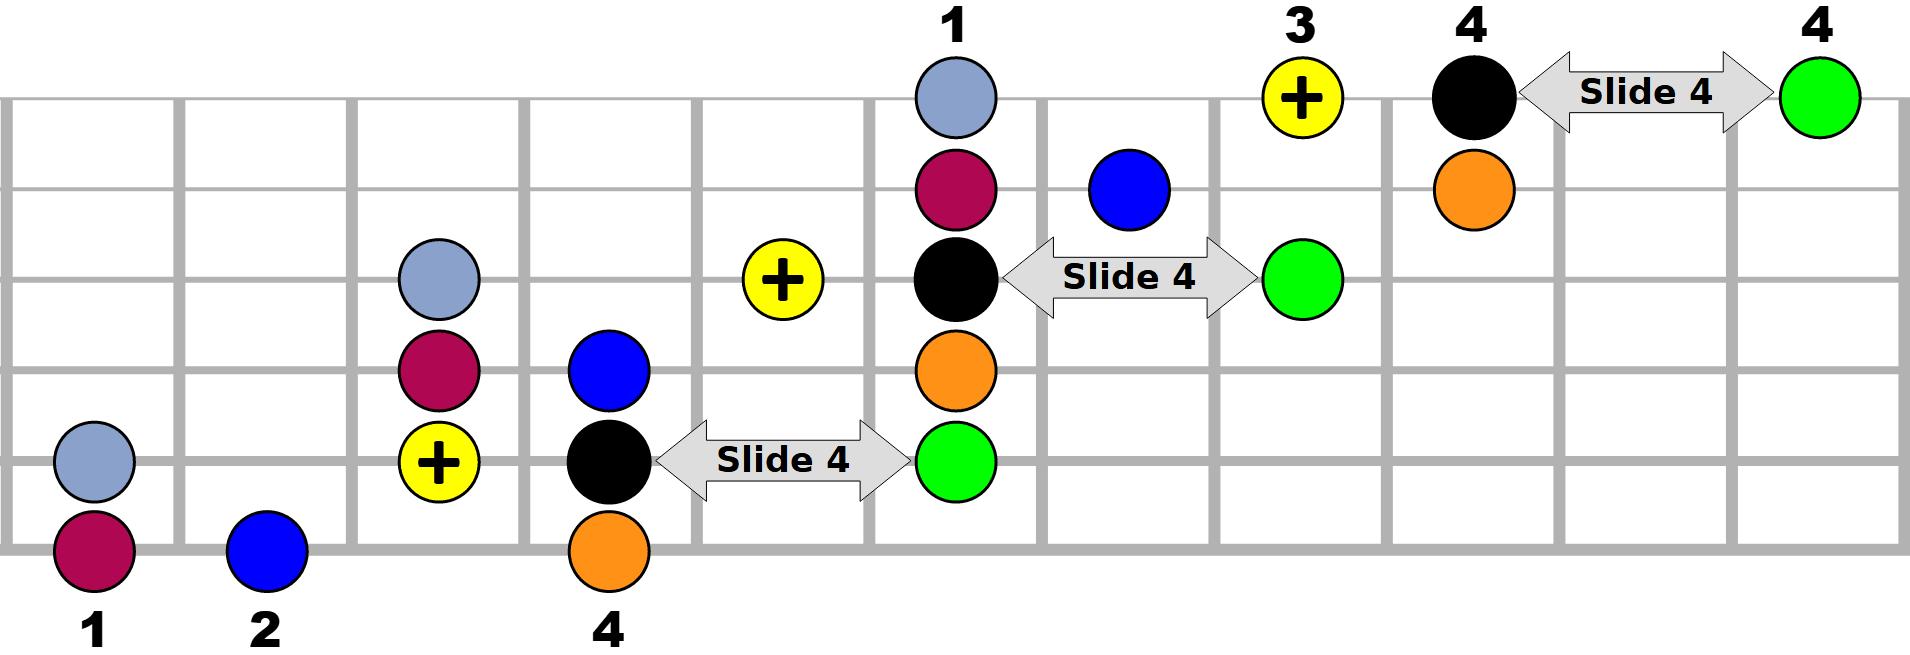 La gamme majeure démanché (jeu latéral) - Schéma générique n°3 sur le manche